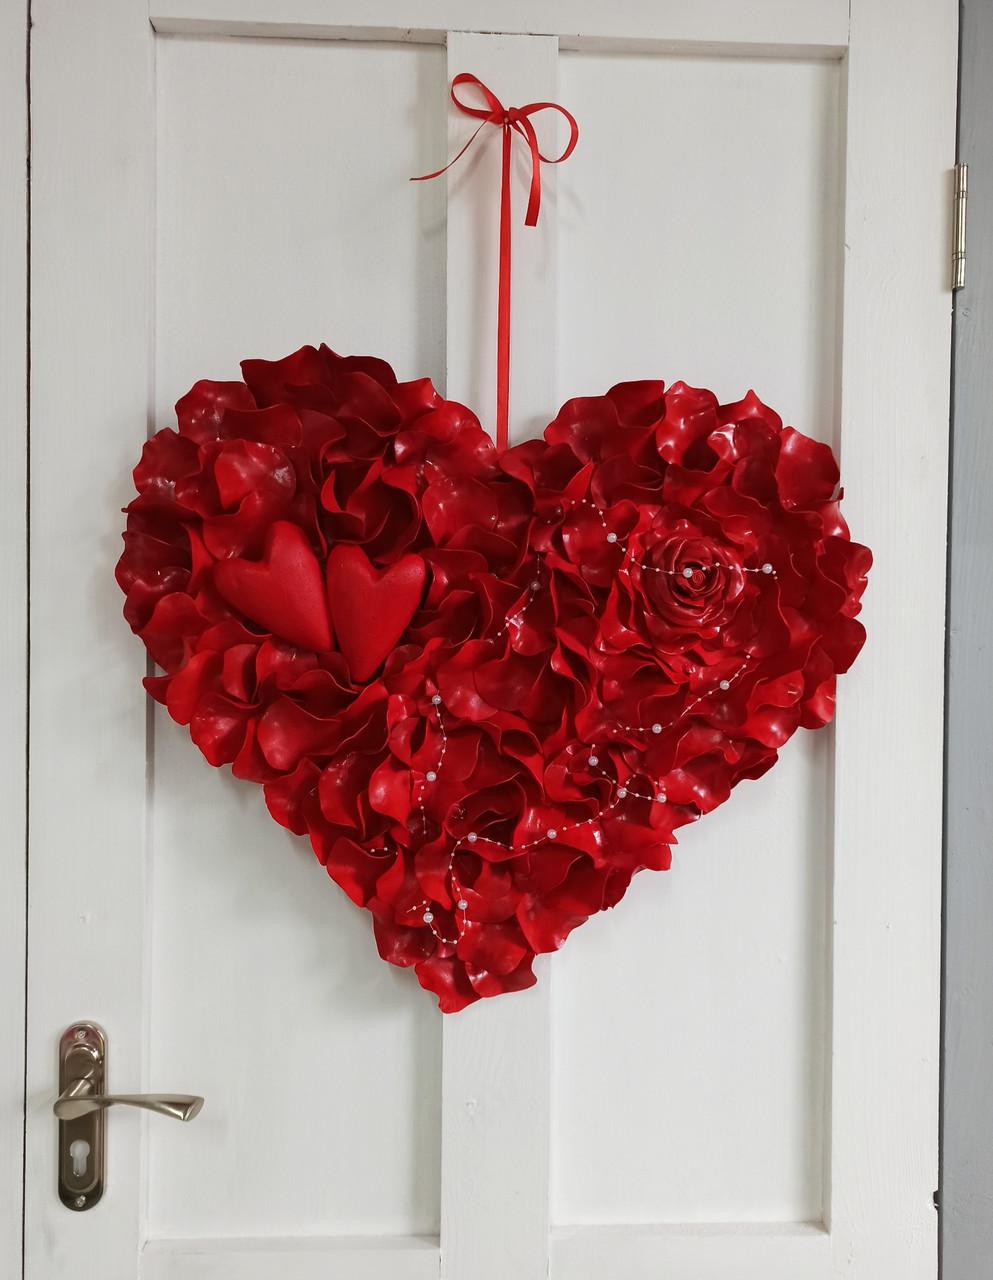 Декоративне червоне серце з пелюсток троянд 60 см